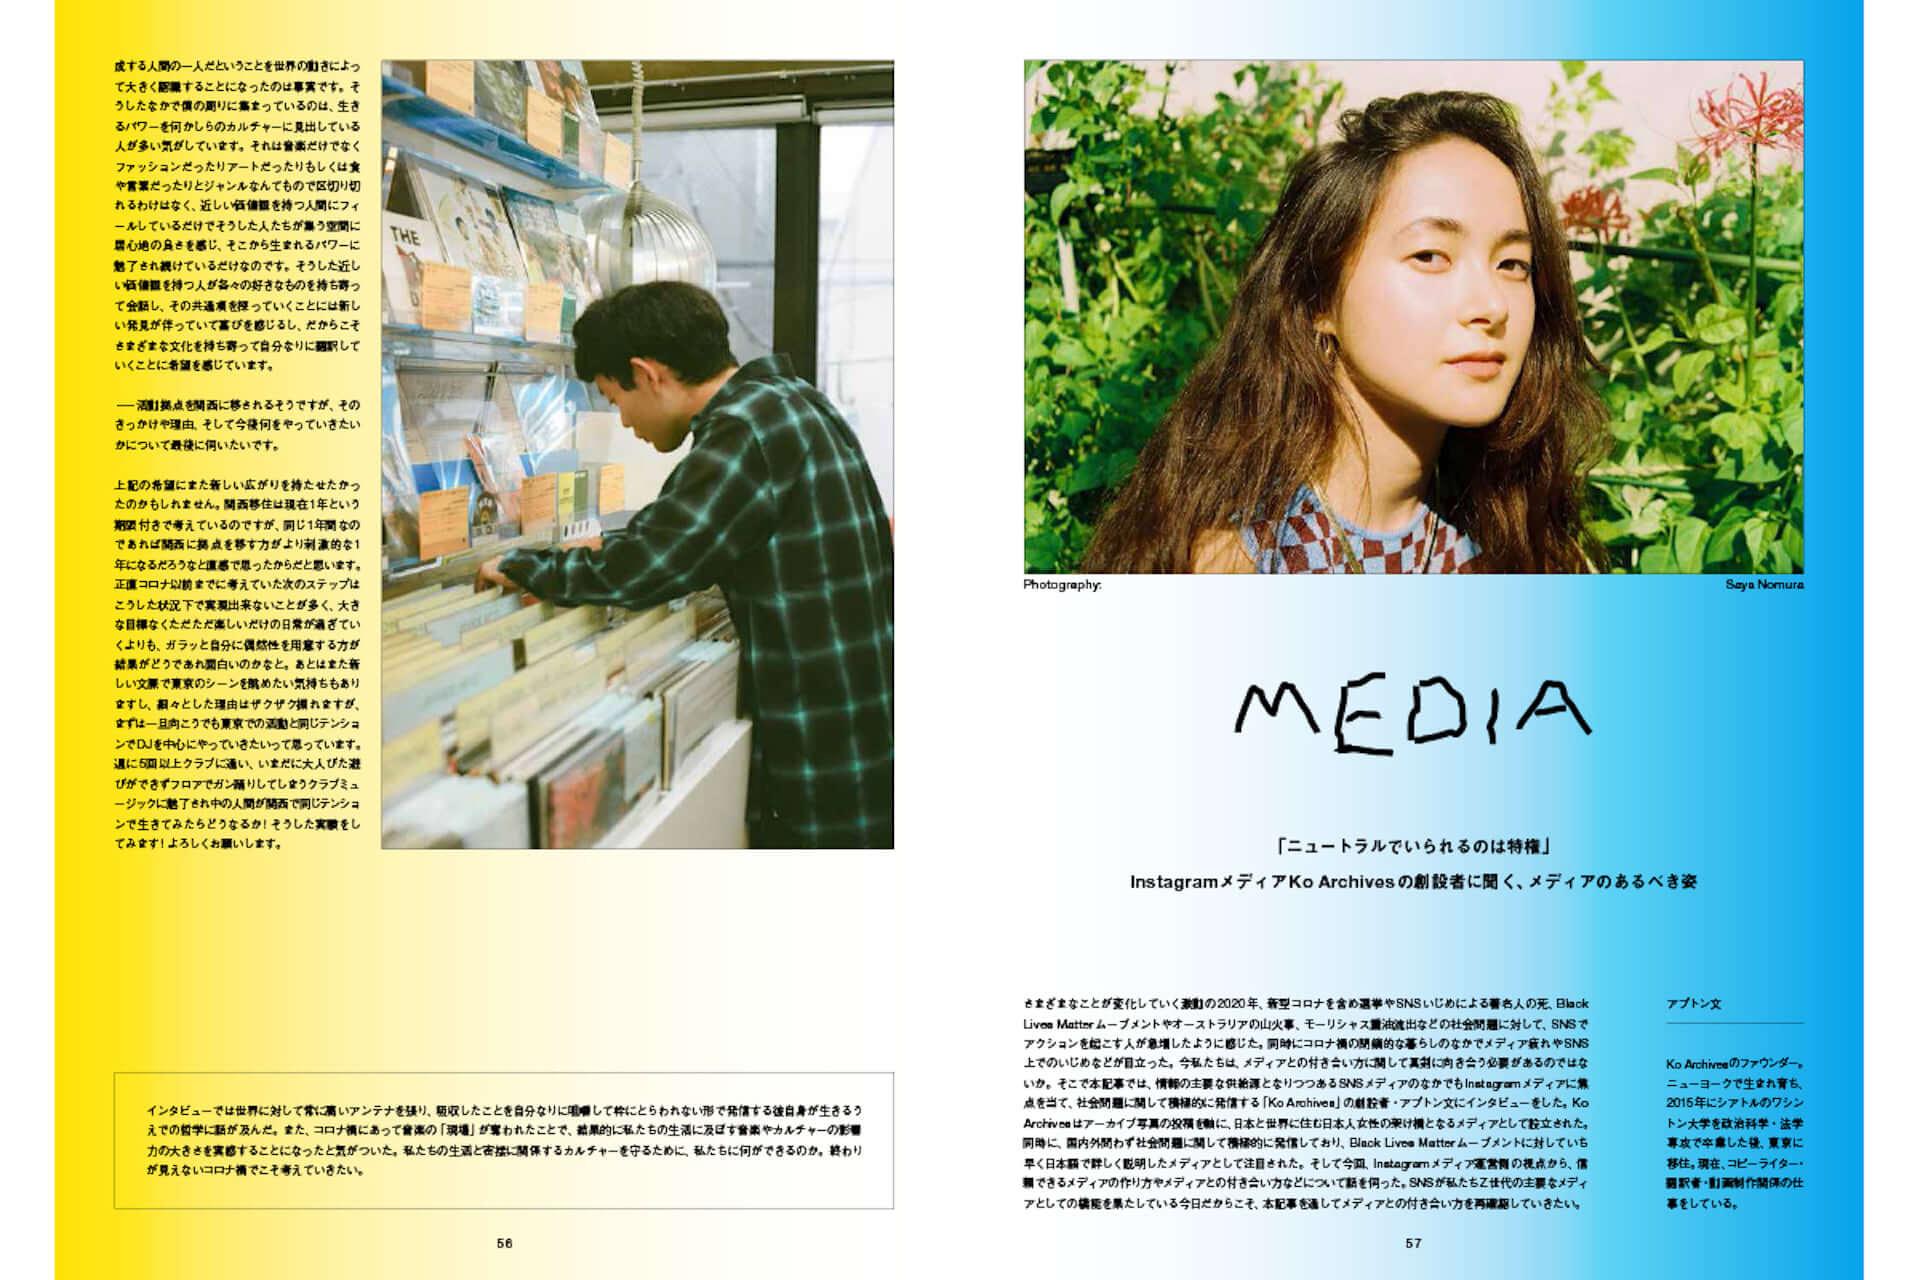 2周年を迎えたウェブメディア「NEUT」が初の雑誌を刊行!コロナ禍やBLMをテーマにした特集など全80ページ収録 art201223_neut_5-1920x1280